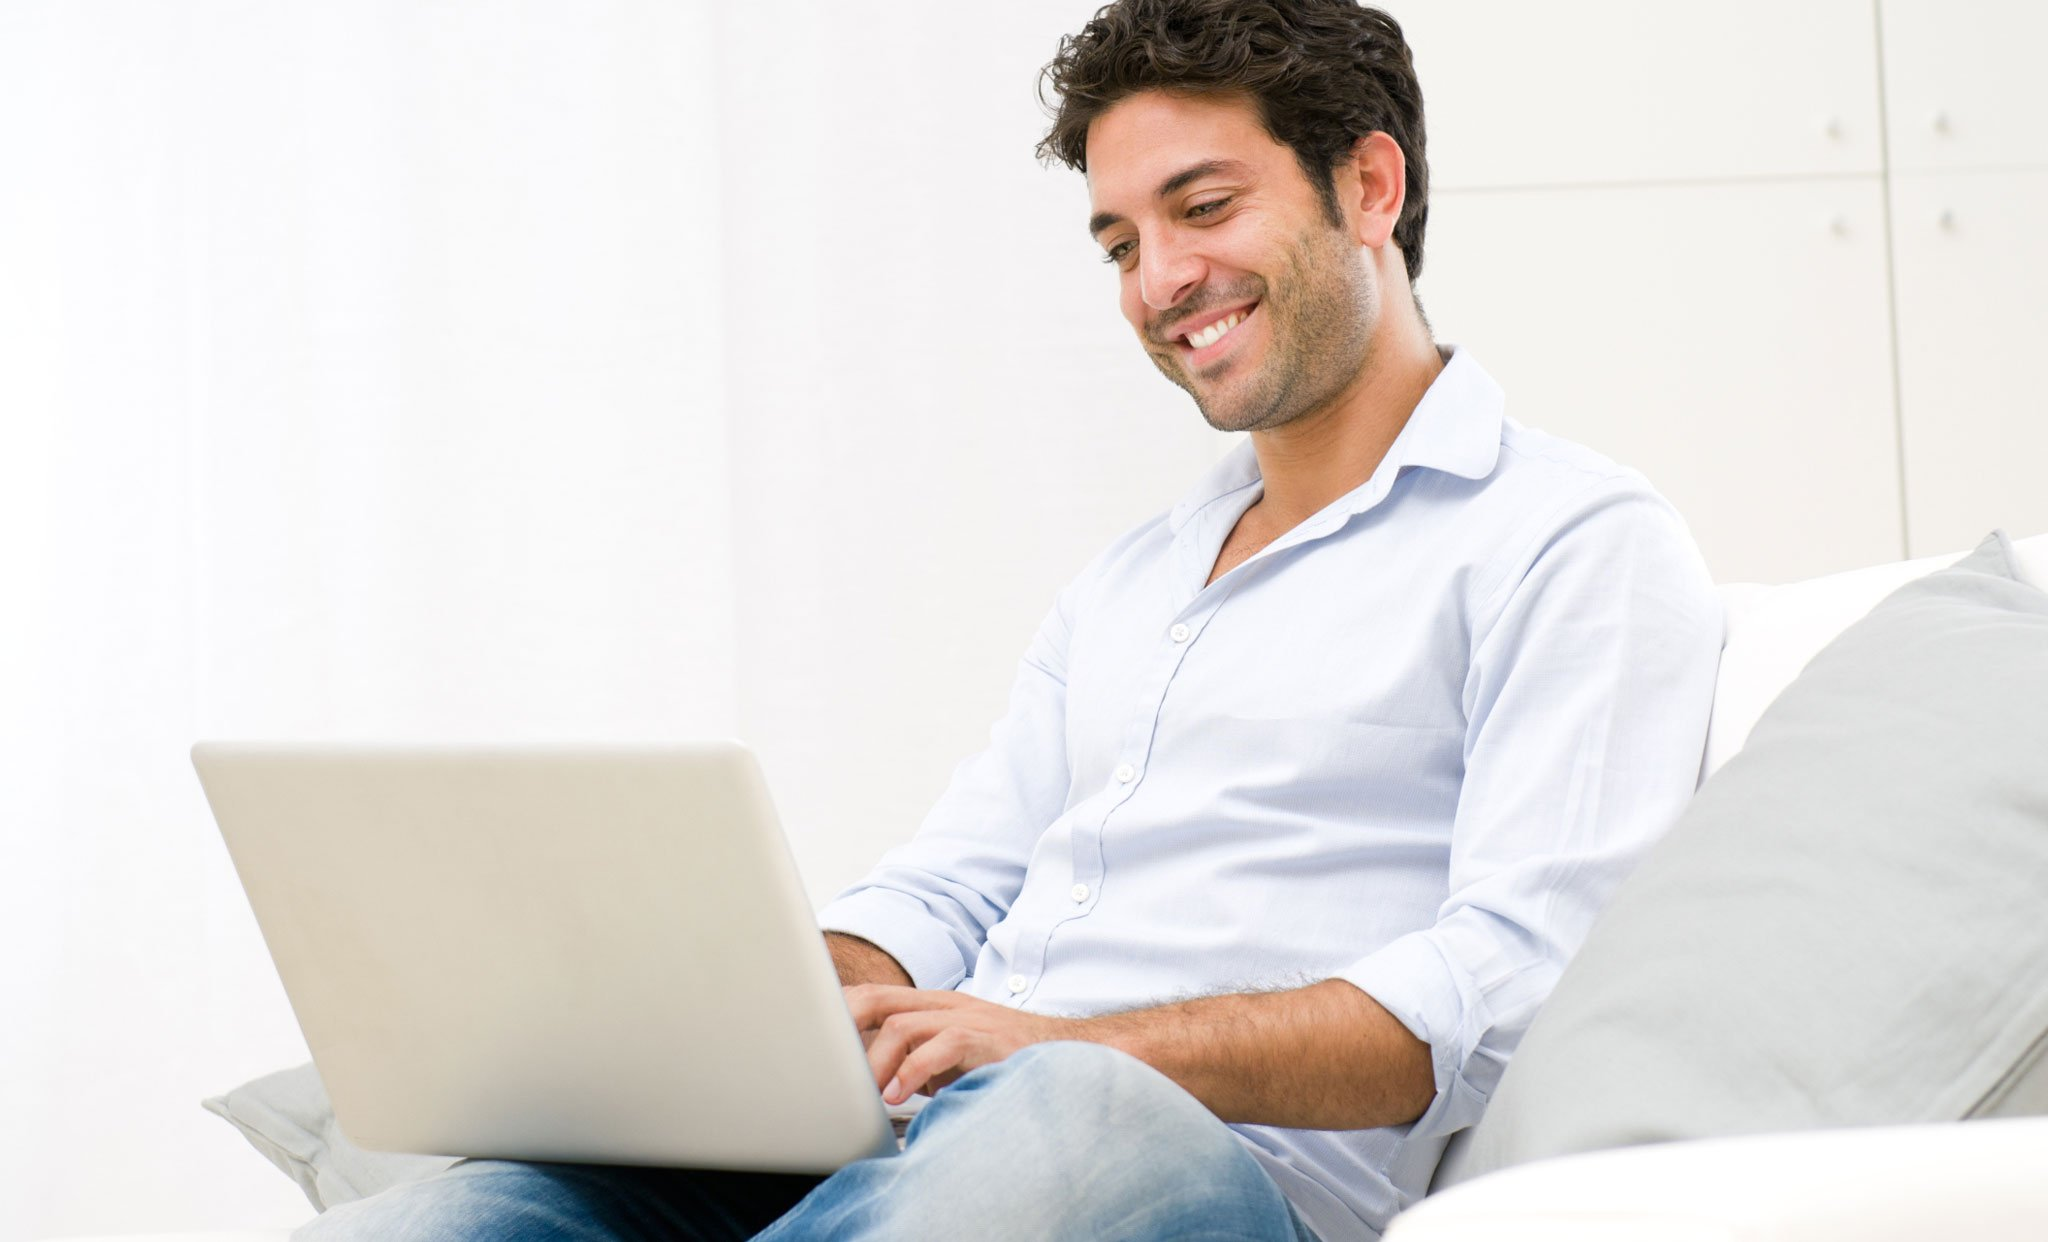 ТОП 10 Сайтов для тех, кому необходимо расслабиться